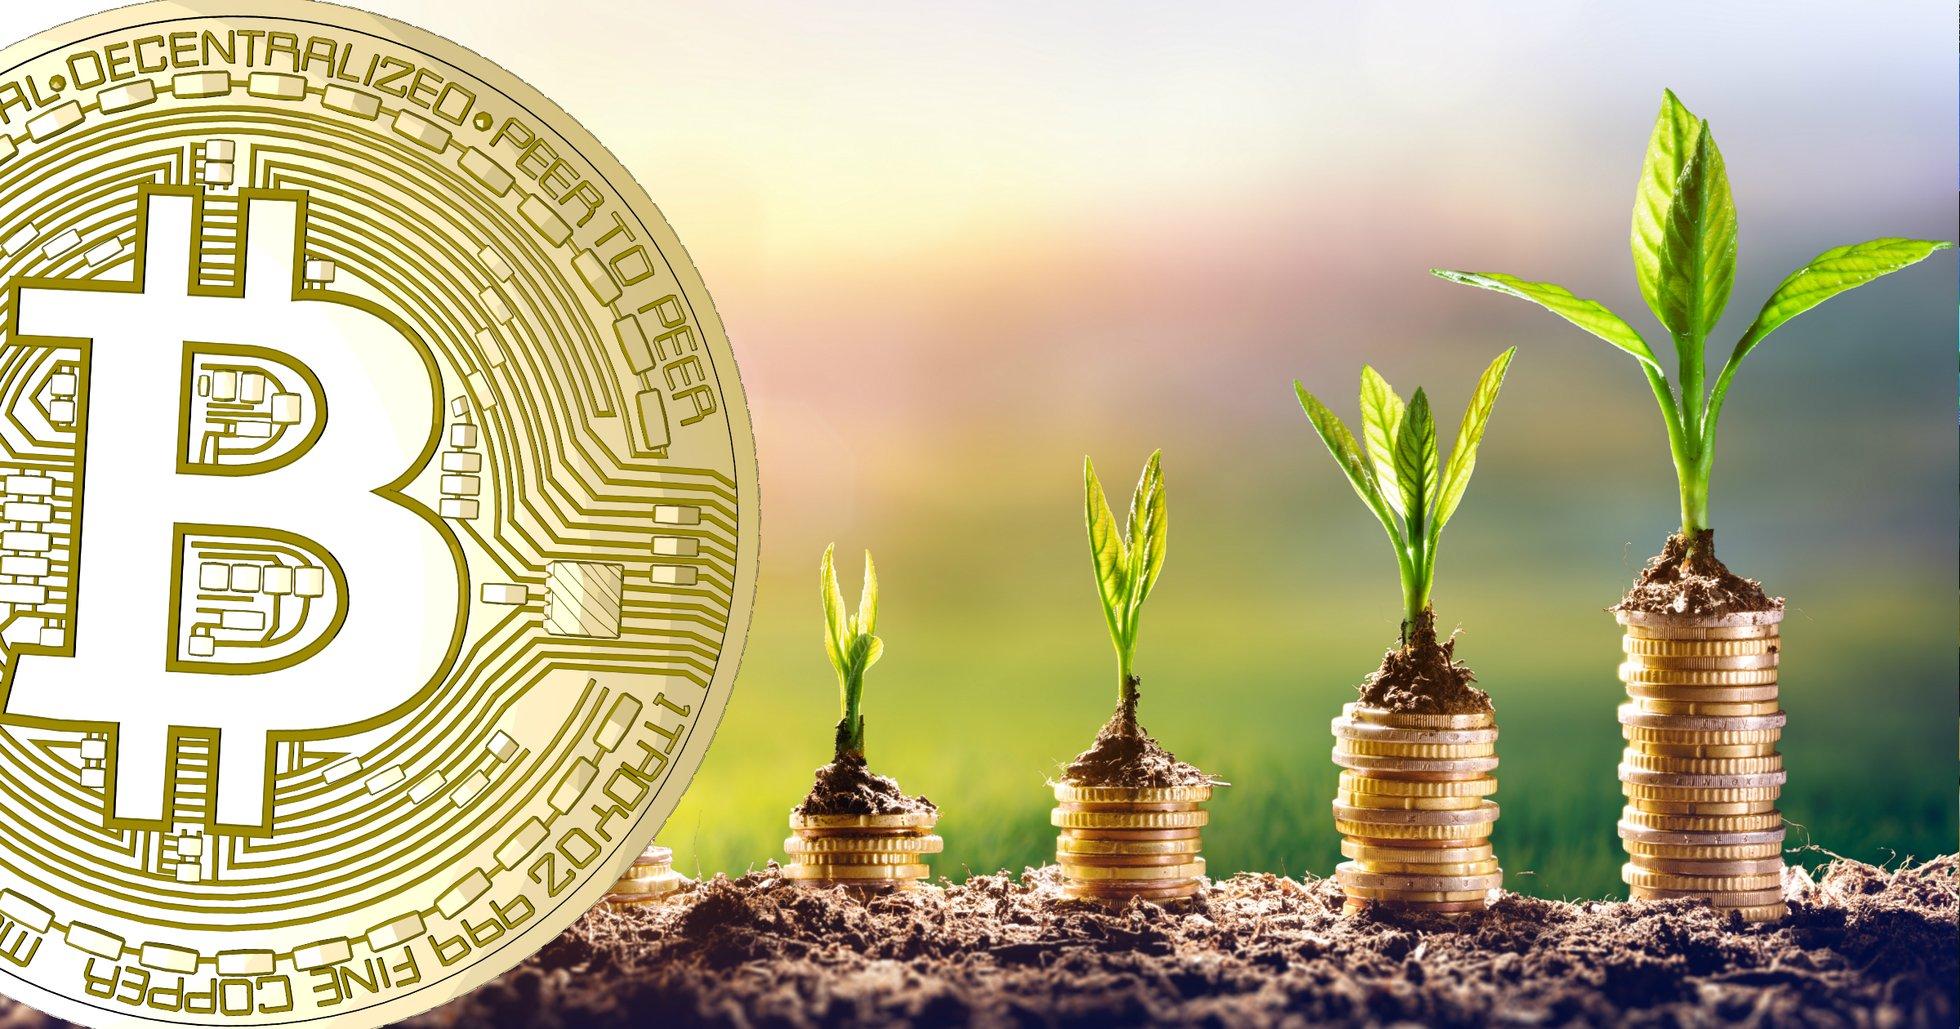 Vill du investera i bitcoin och kryptovalutor? Här är 5 saker du bör veta innan.